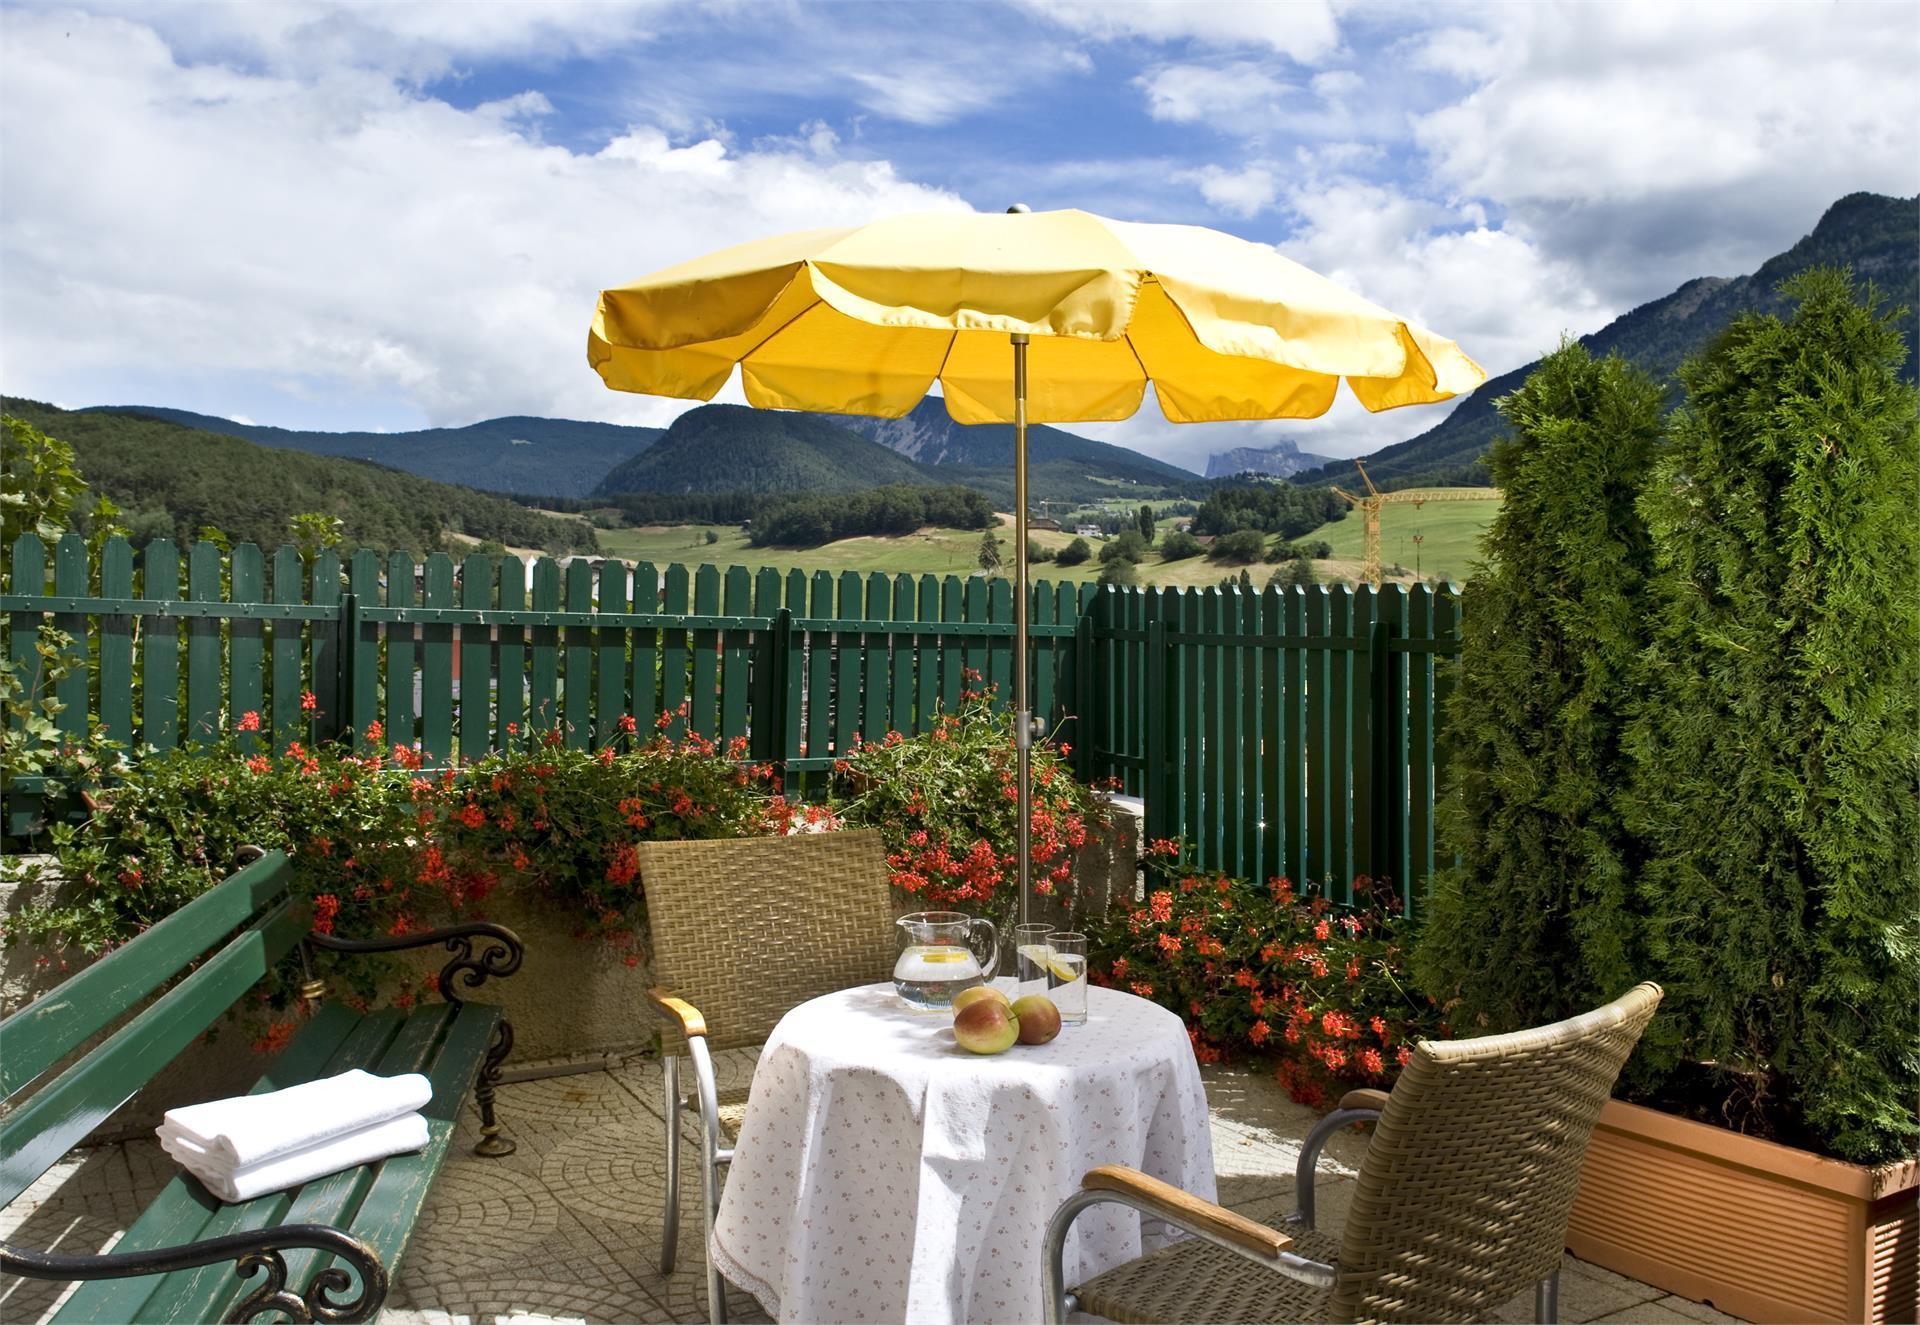 Hotel Cavallino dOro - Castelrotto, piazzetta - Dolomiti